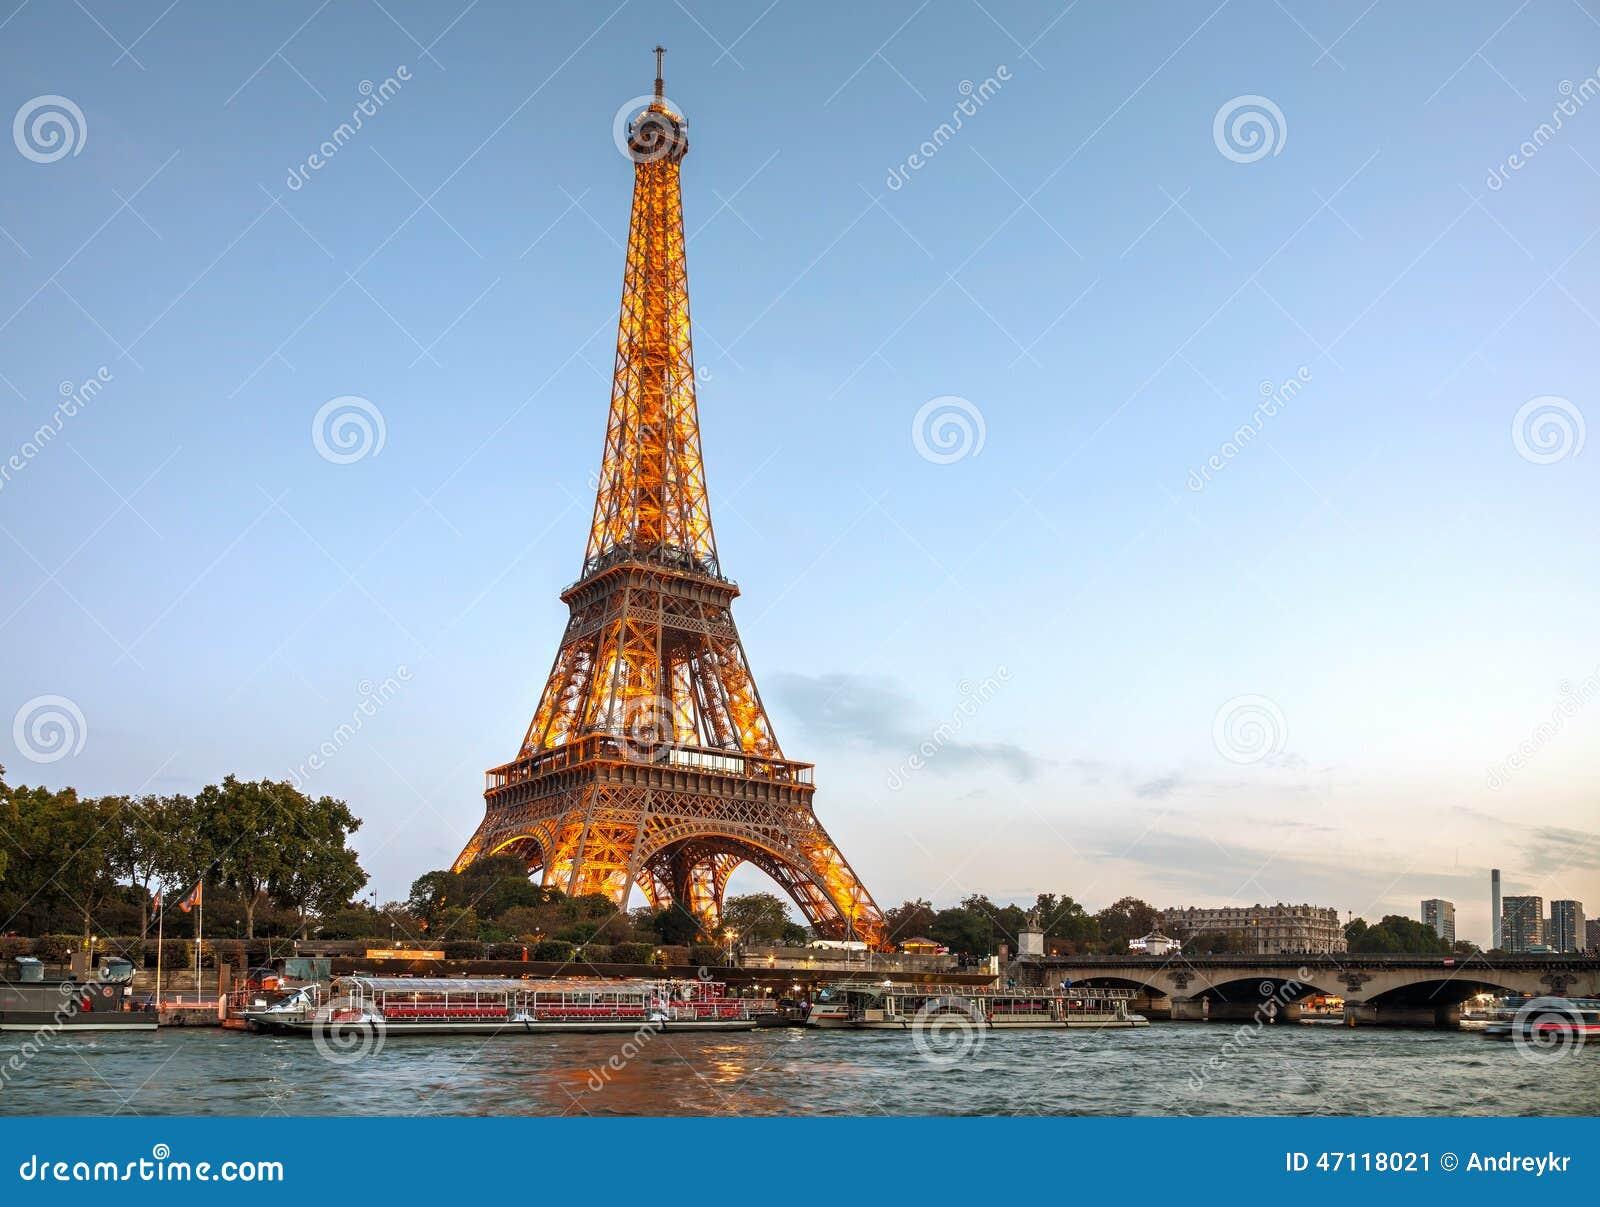 Paysage urbain de paris avec tour eiffel photo ditorial for Paris paysage